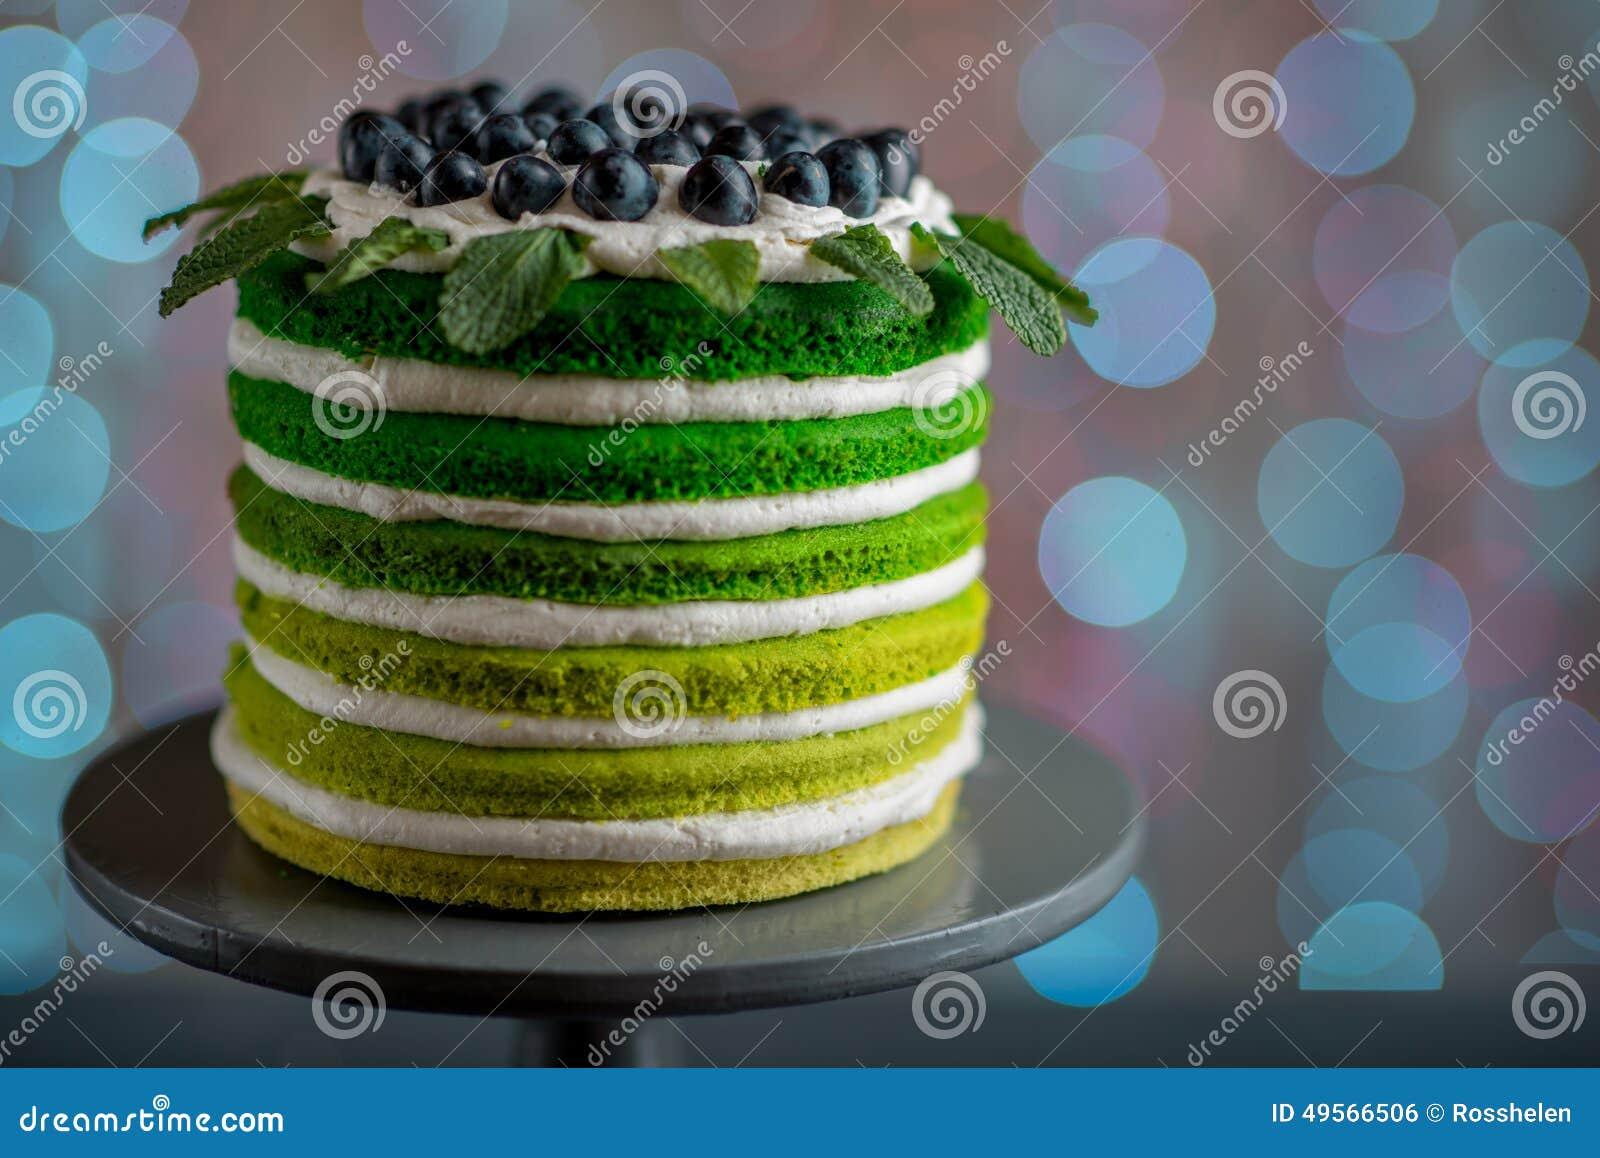 Mascarpone Icing For Sponge Cake